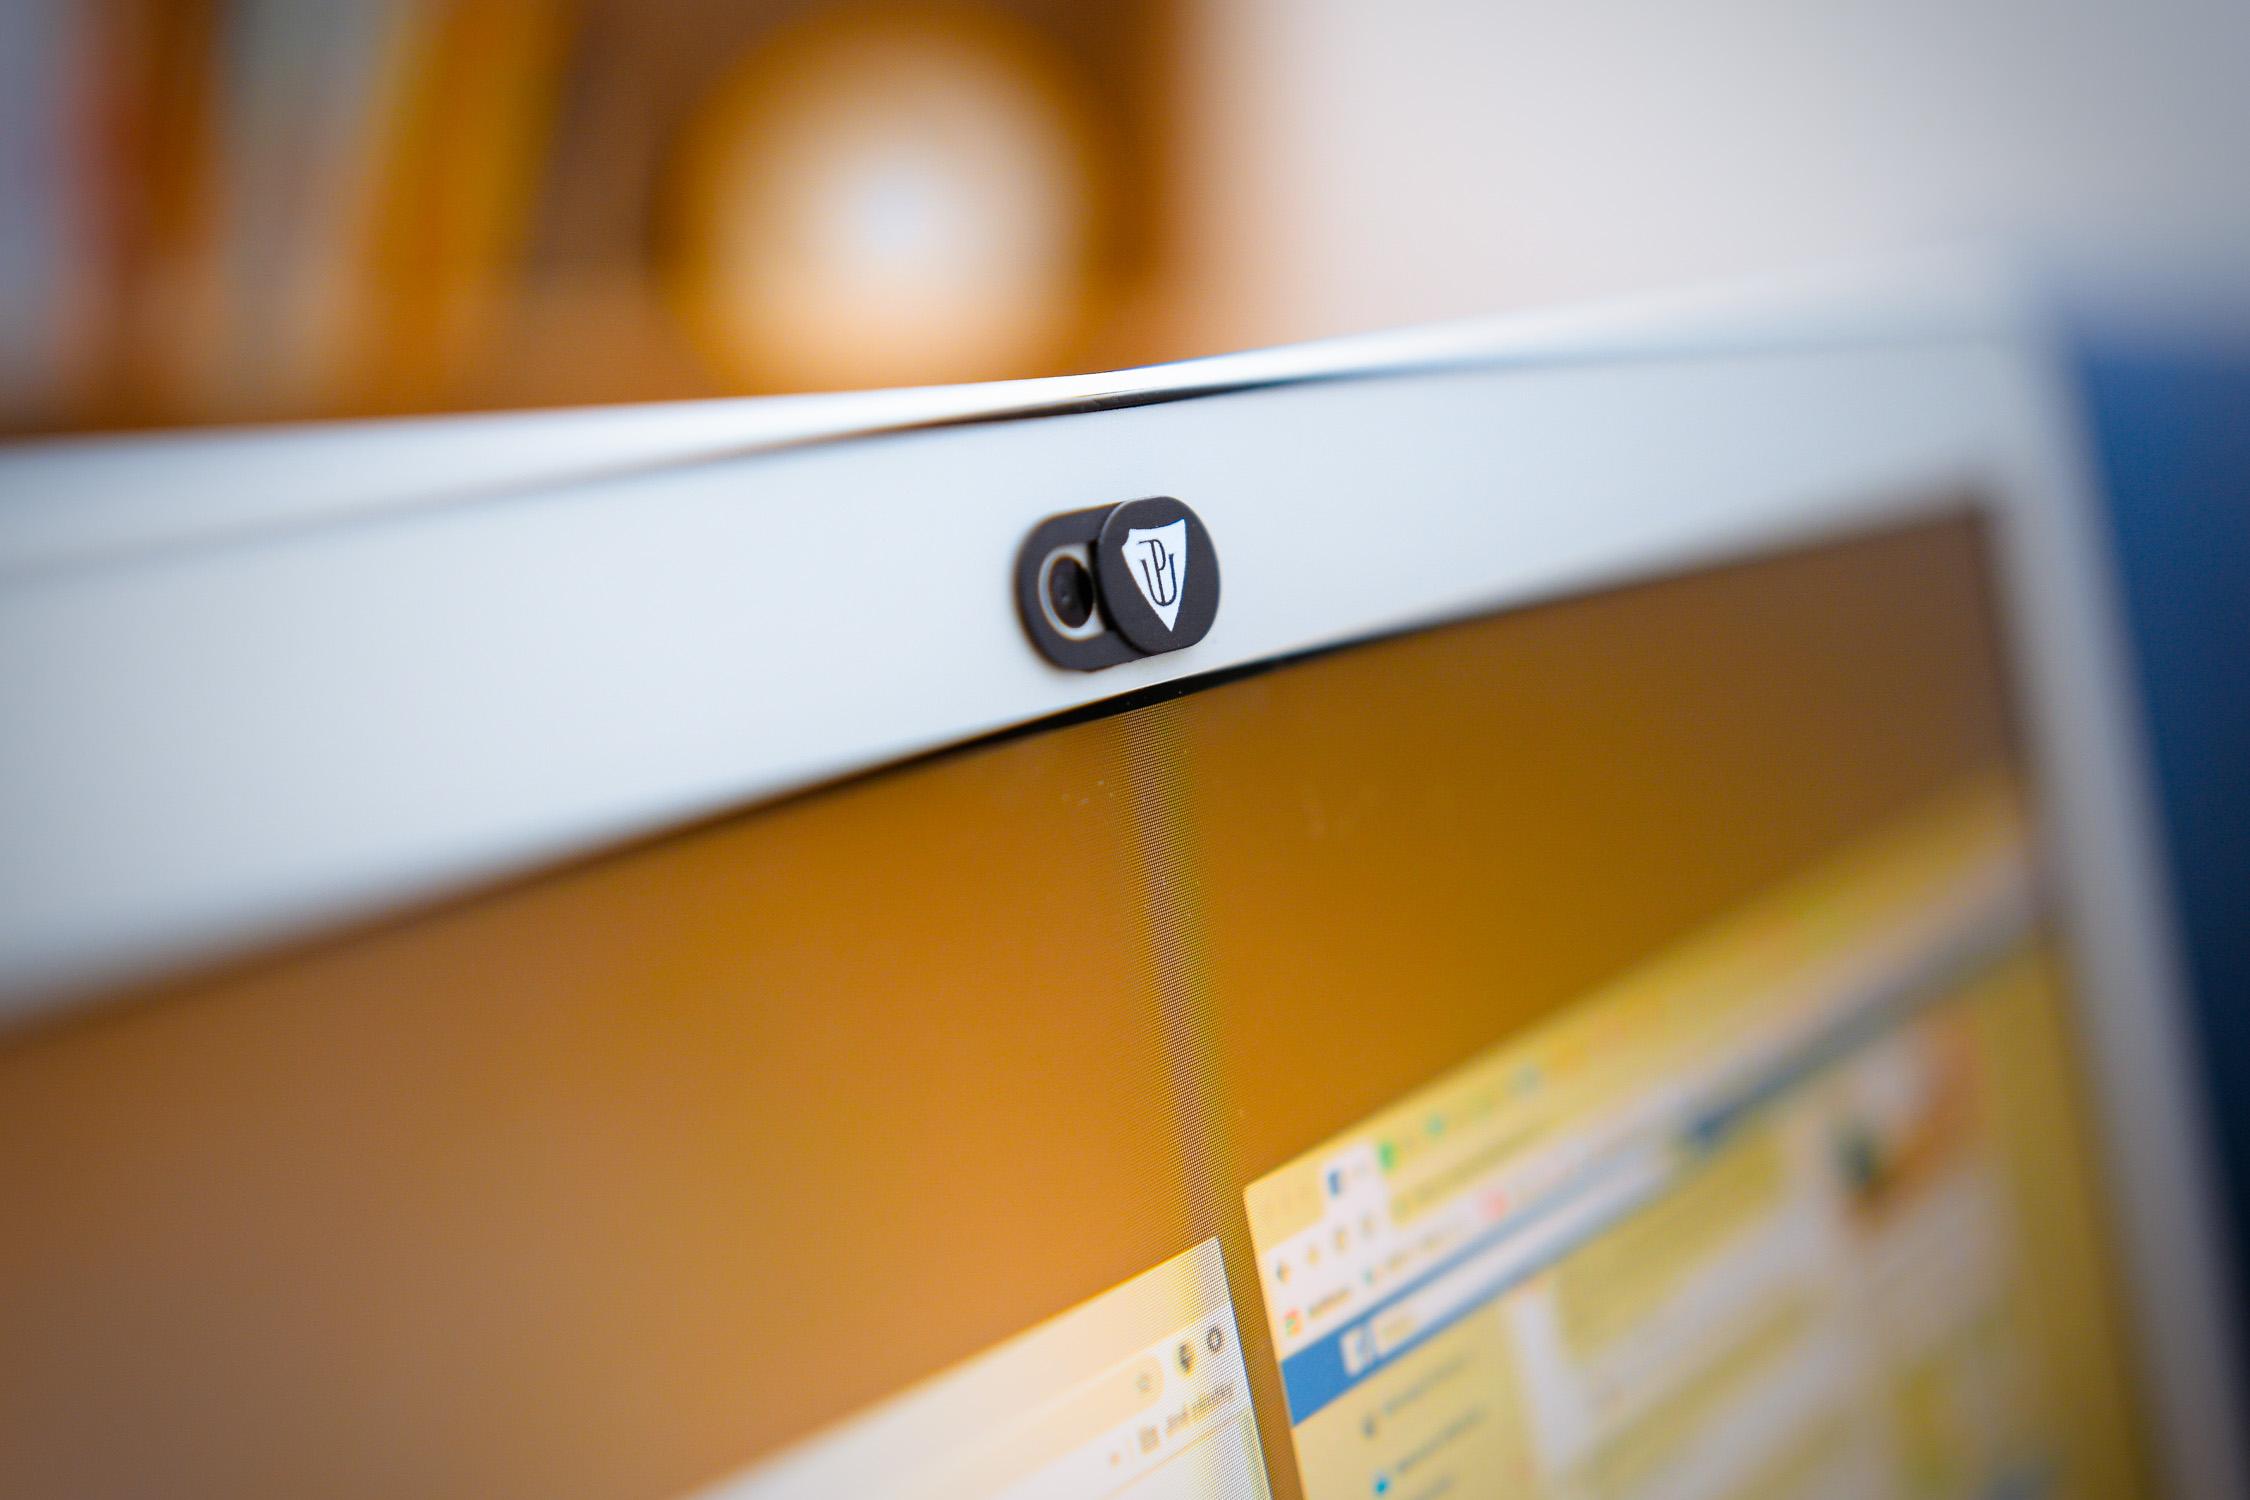 UPgrade your privacy! Snovou krytkou na webkameru